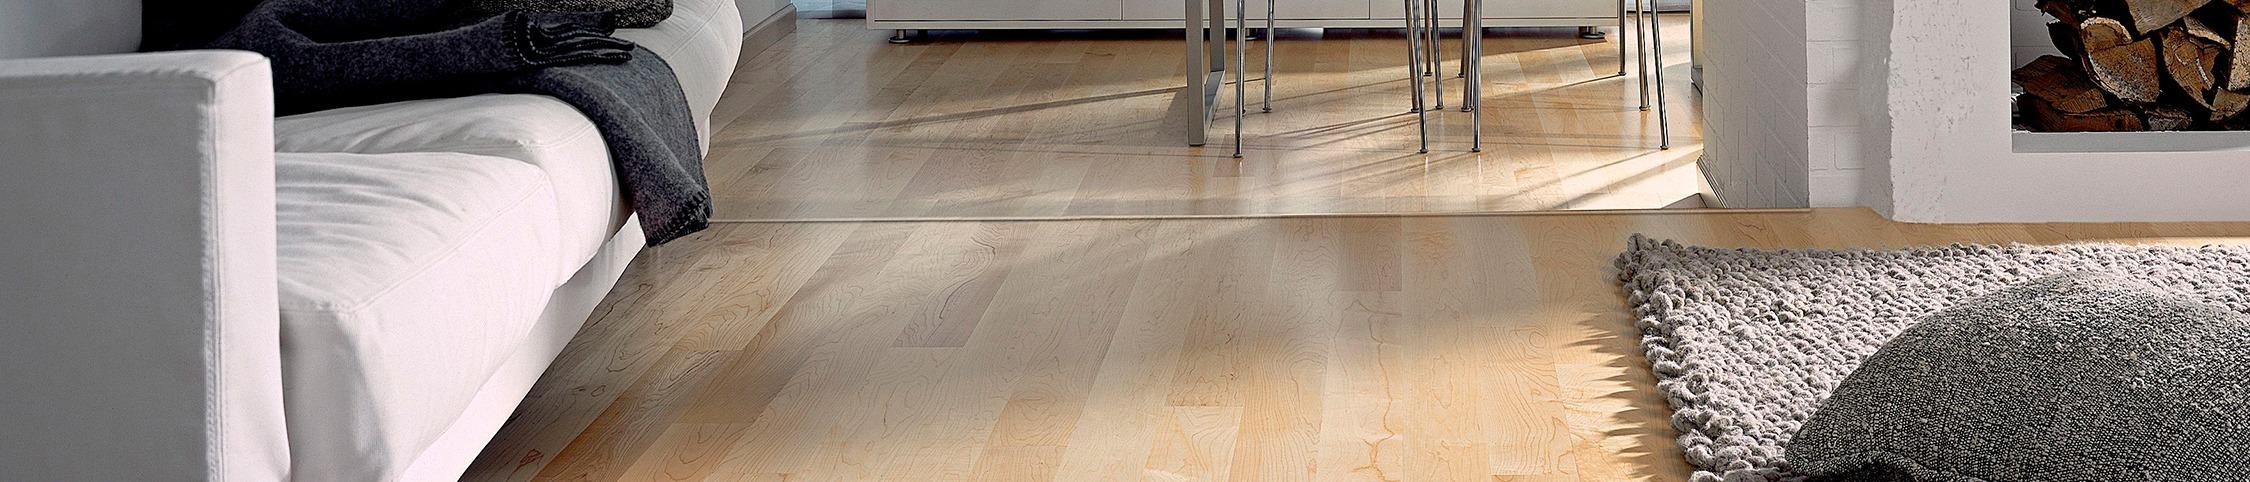 houten vloer tilburg